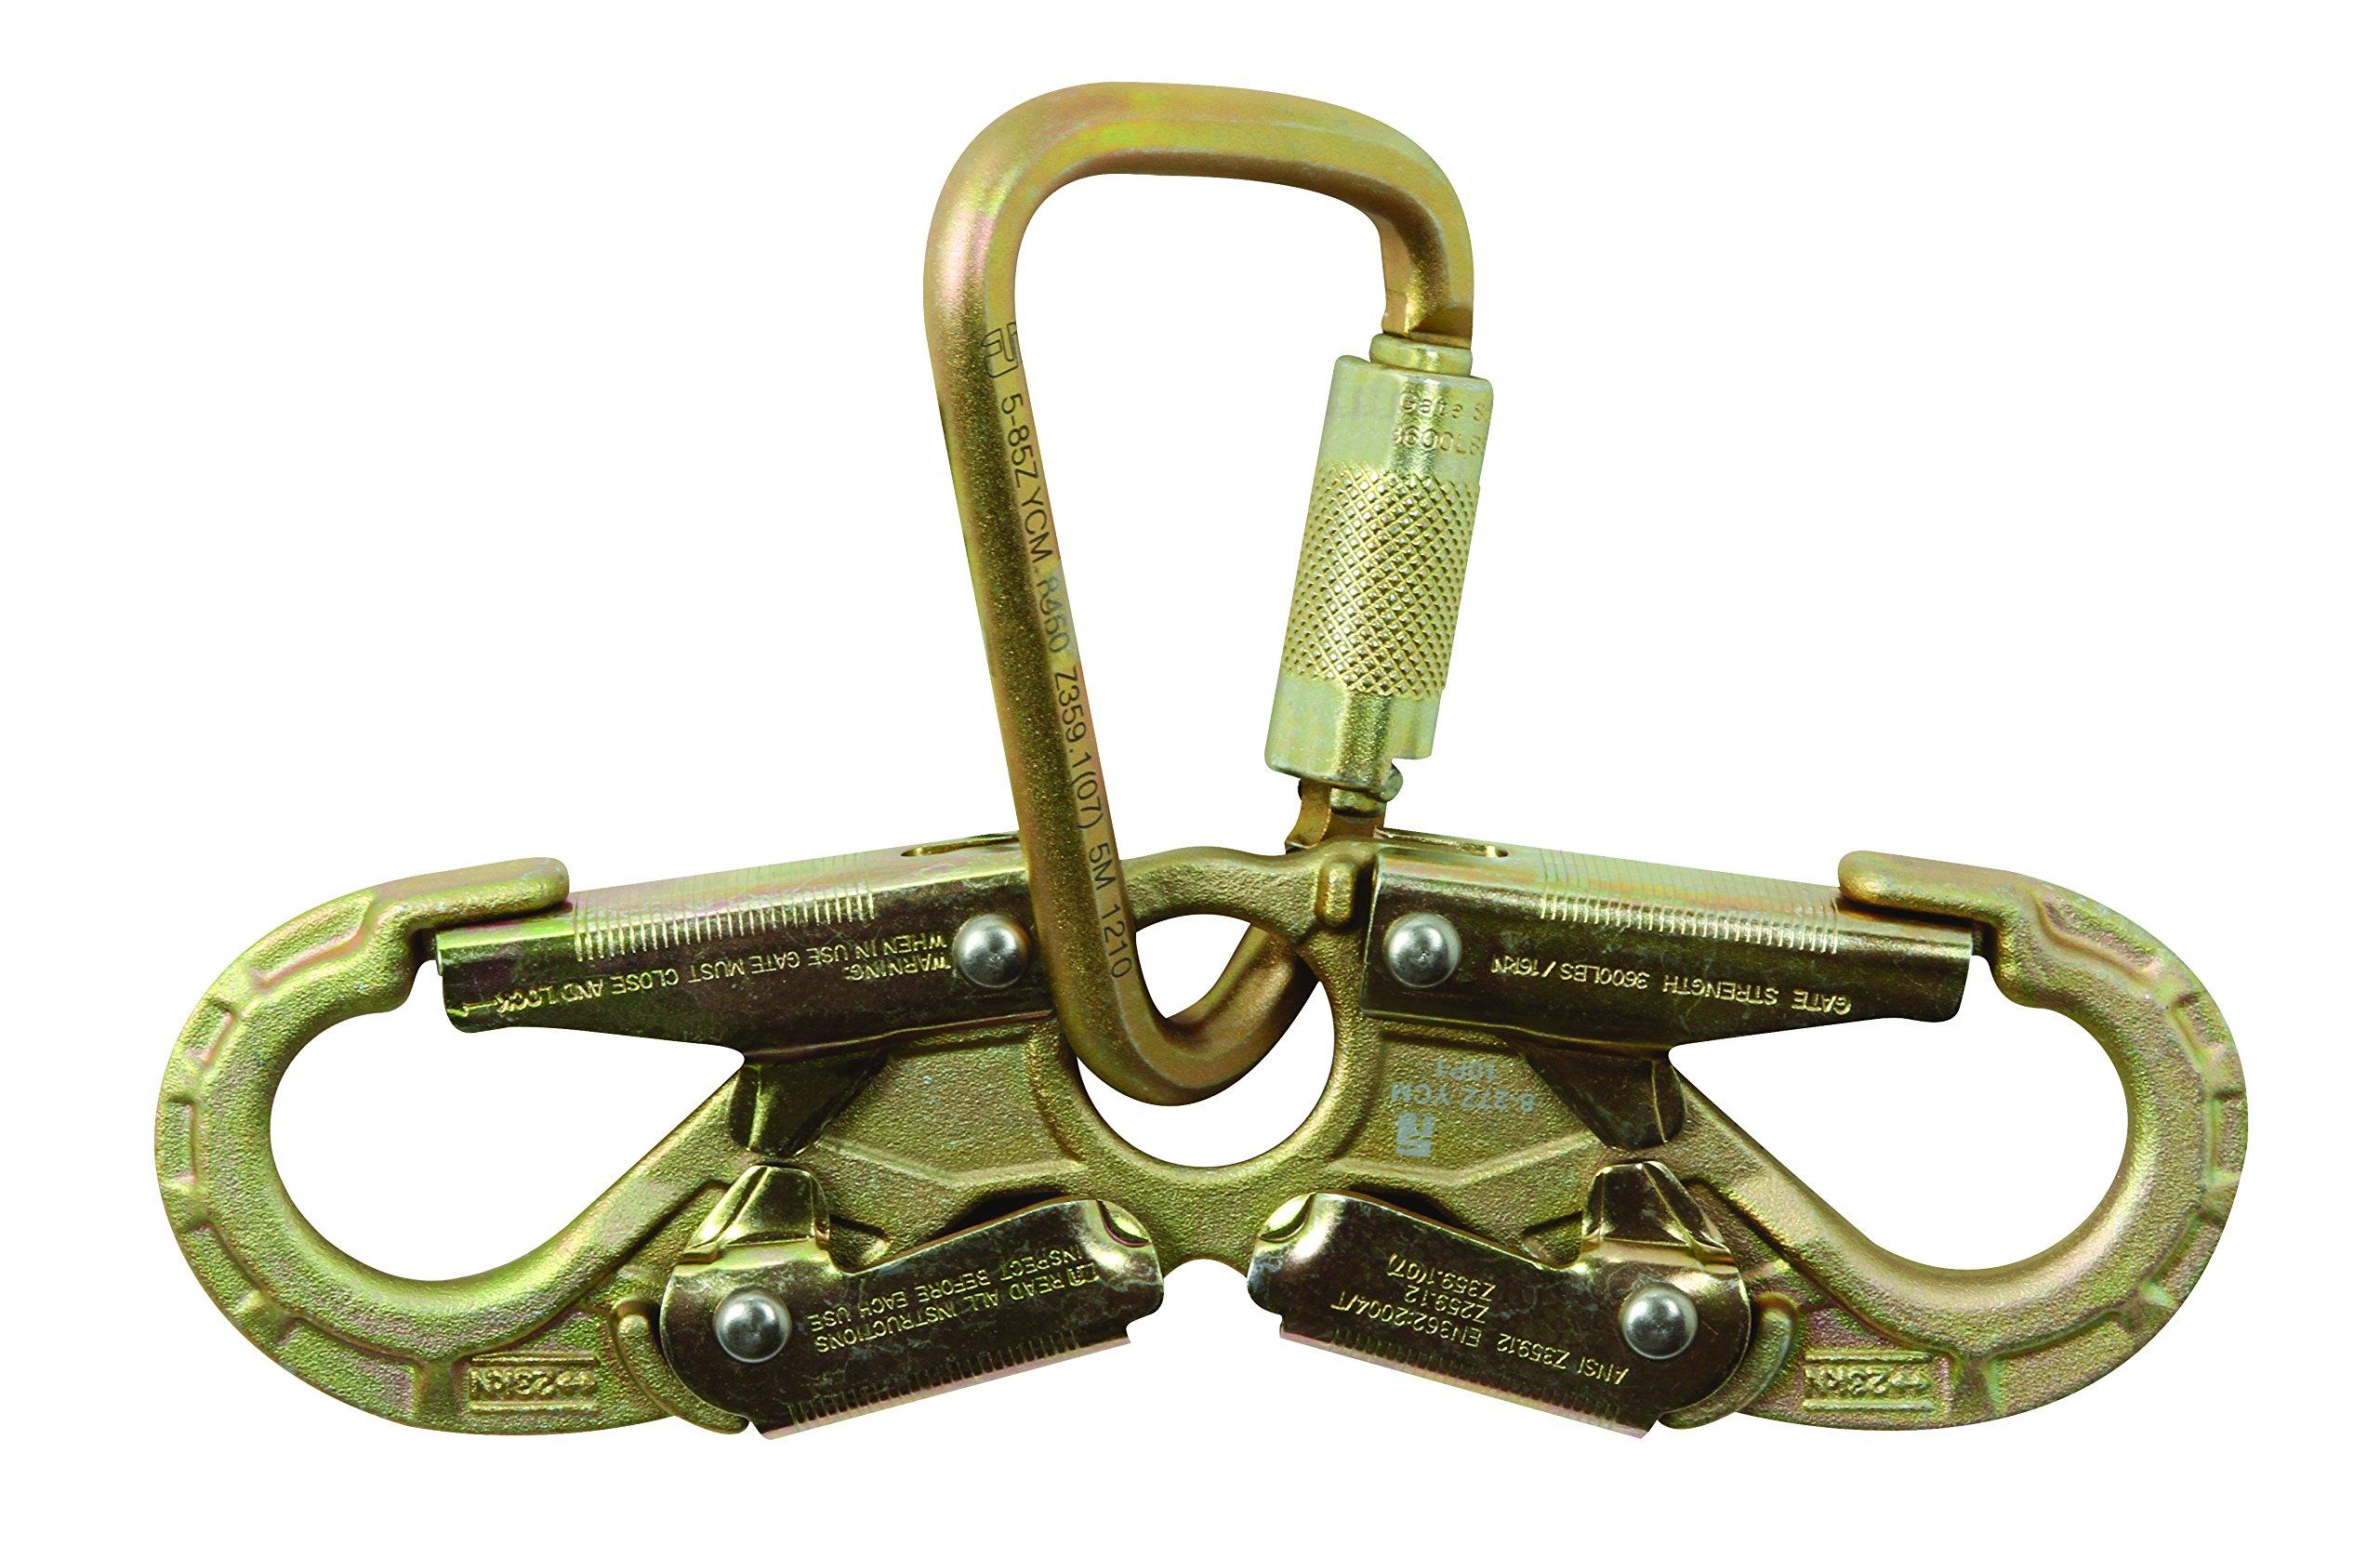 FallTech 8456 Rebar Positioning Assembly - Spreader Hook, Natural